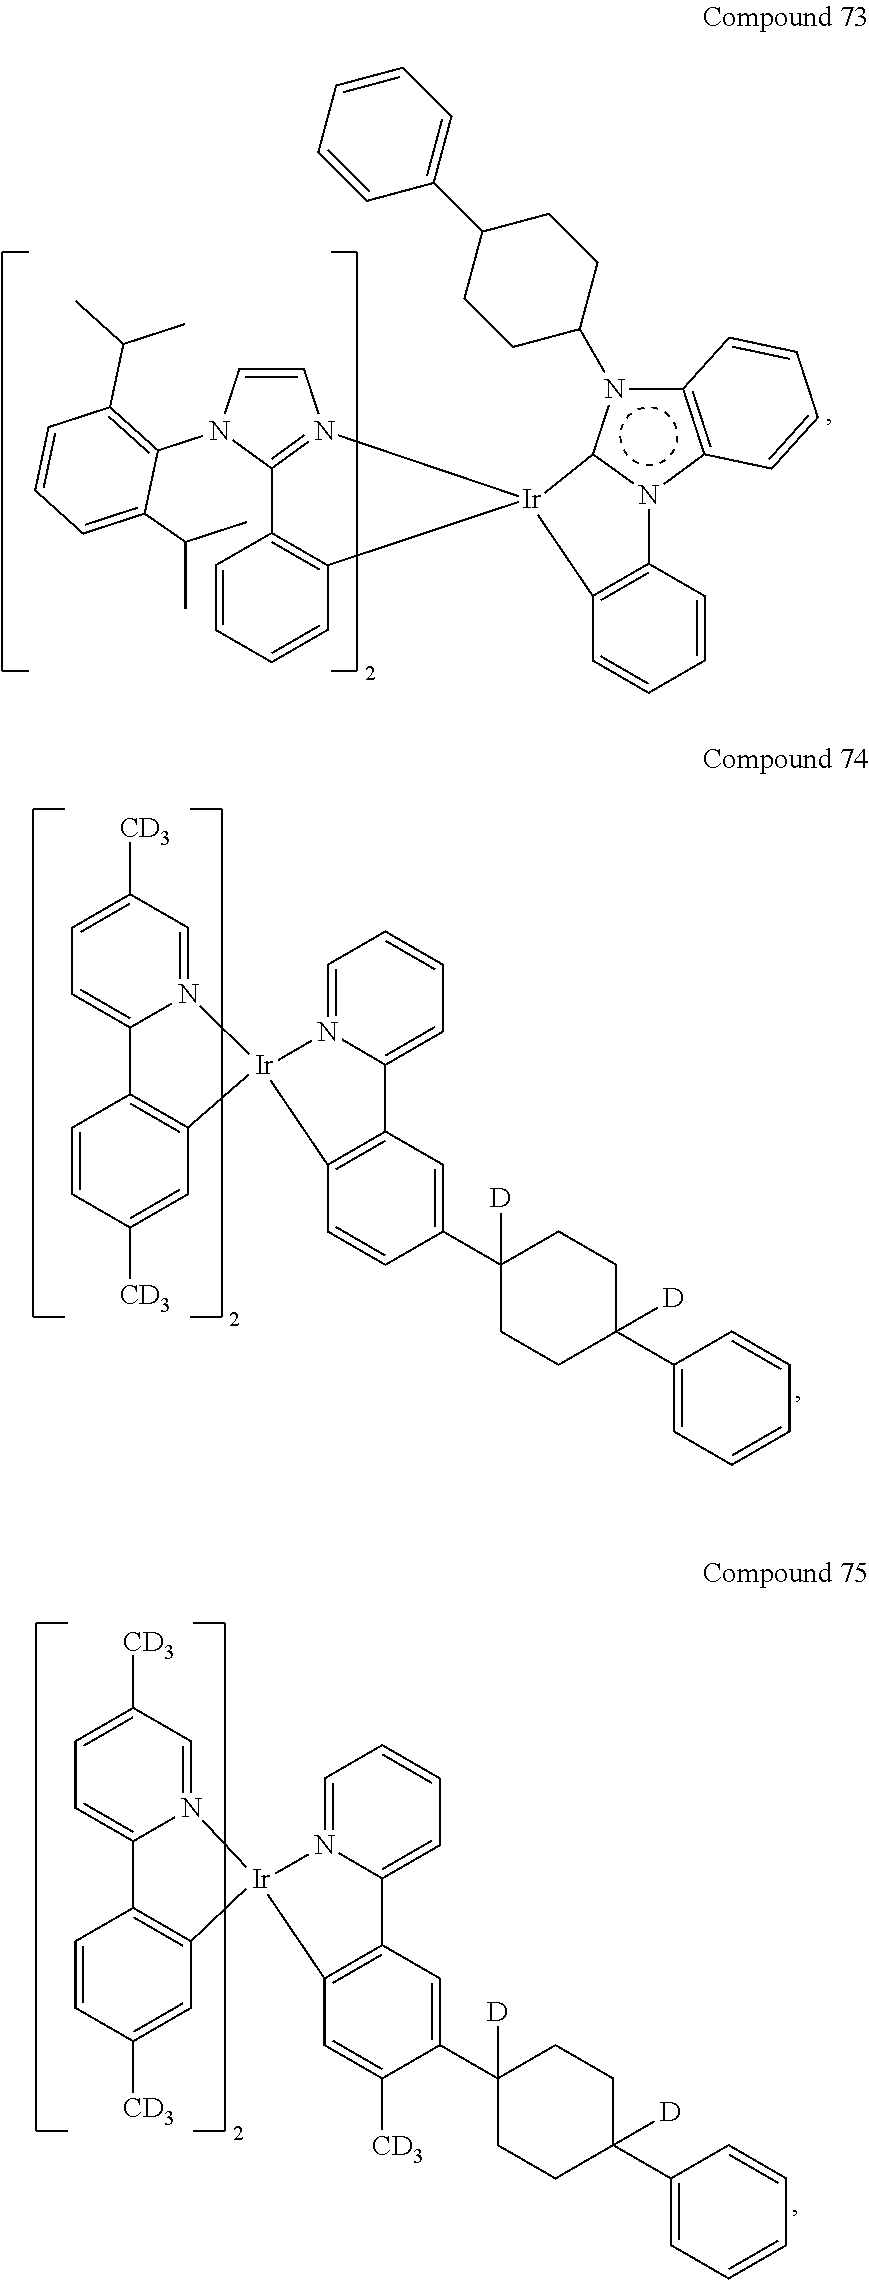 Figure US20180076393A1-20180315-C00045